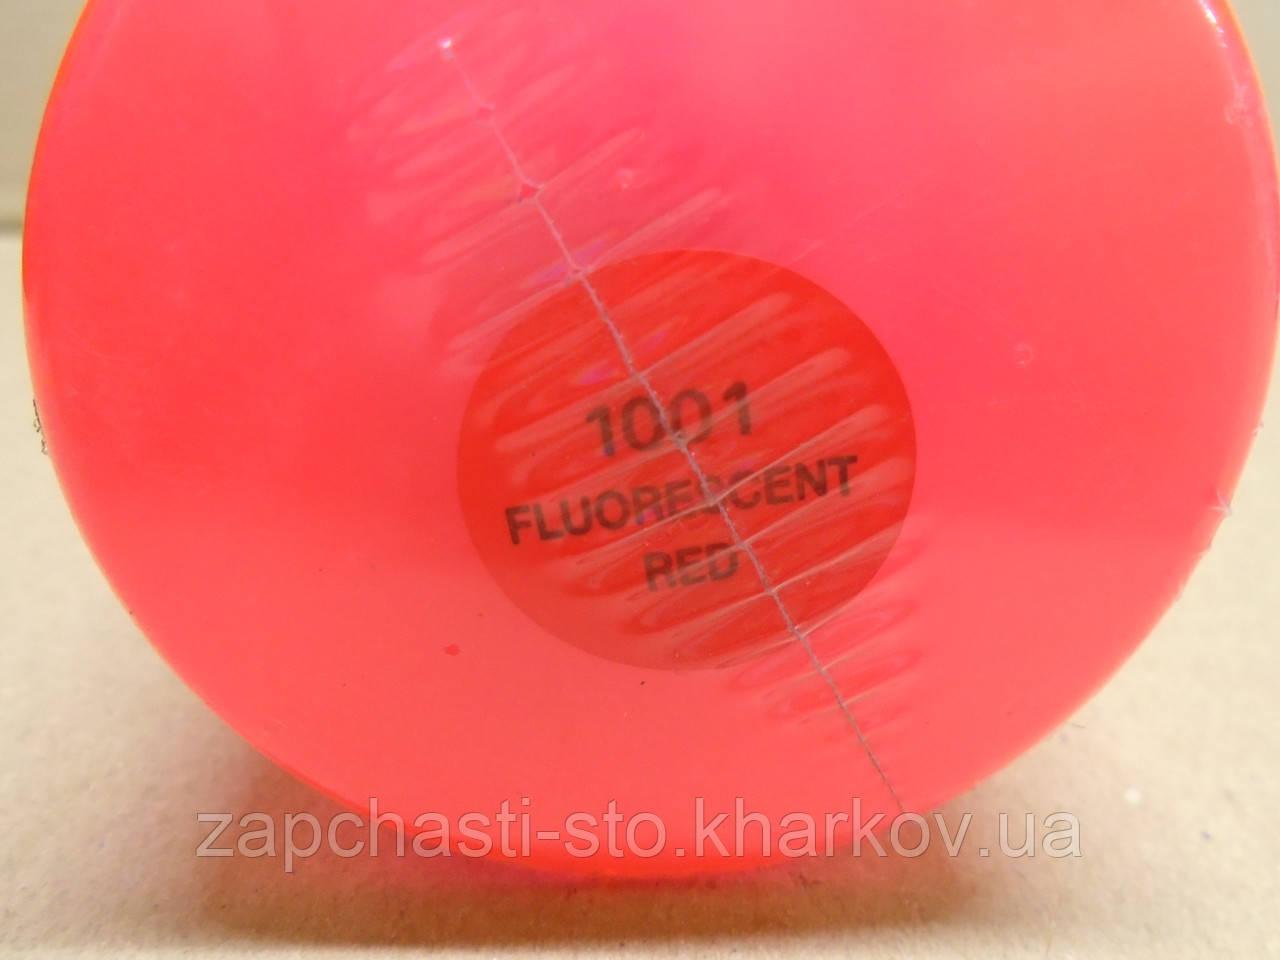 Флуоресцентная светящаяся краска красная Mobi Lack 400мл